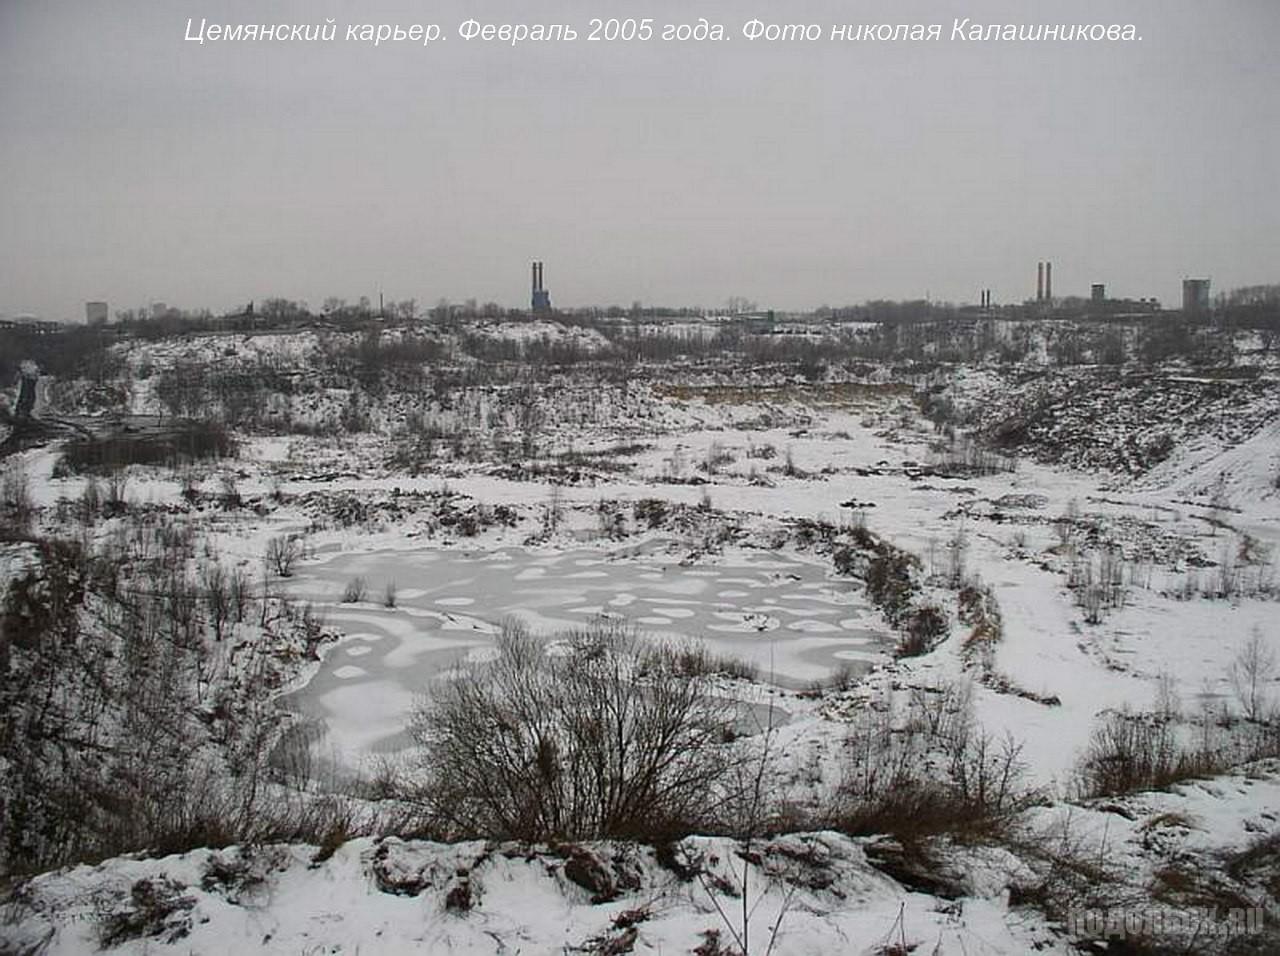 Цемянский карьер. Февраль 2005 г.